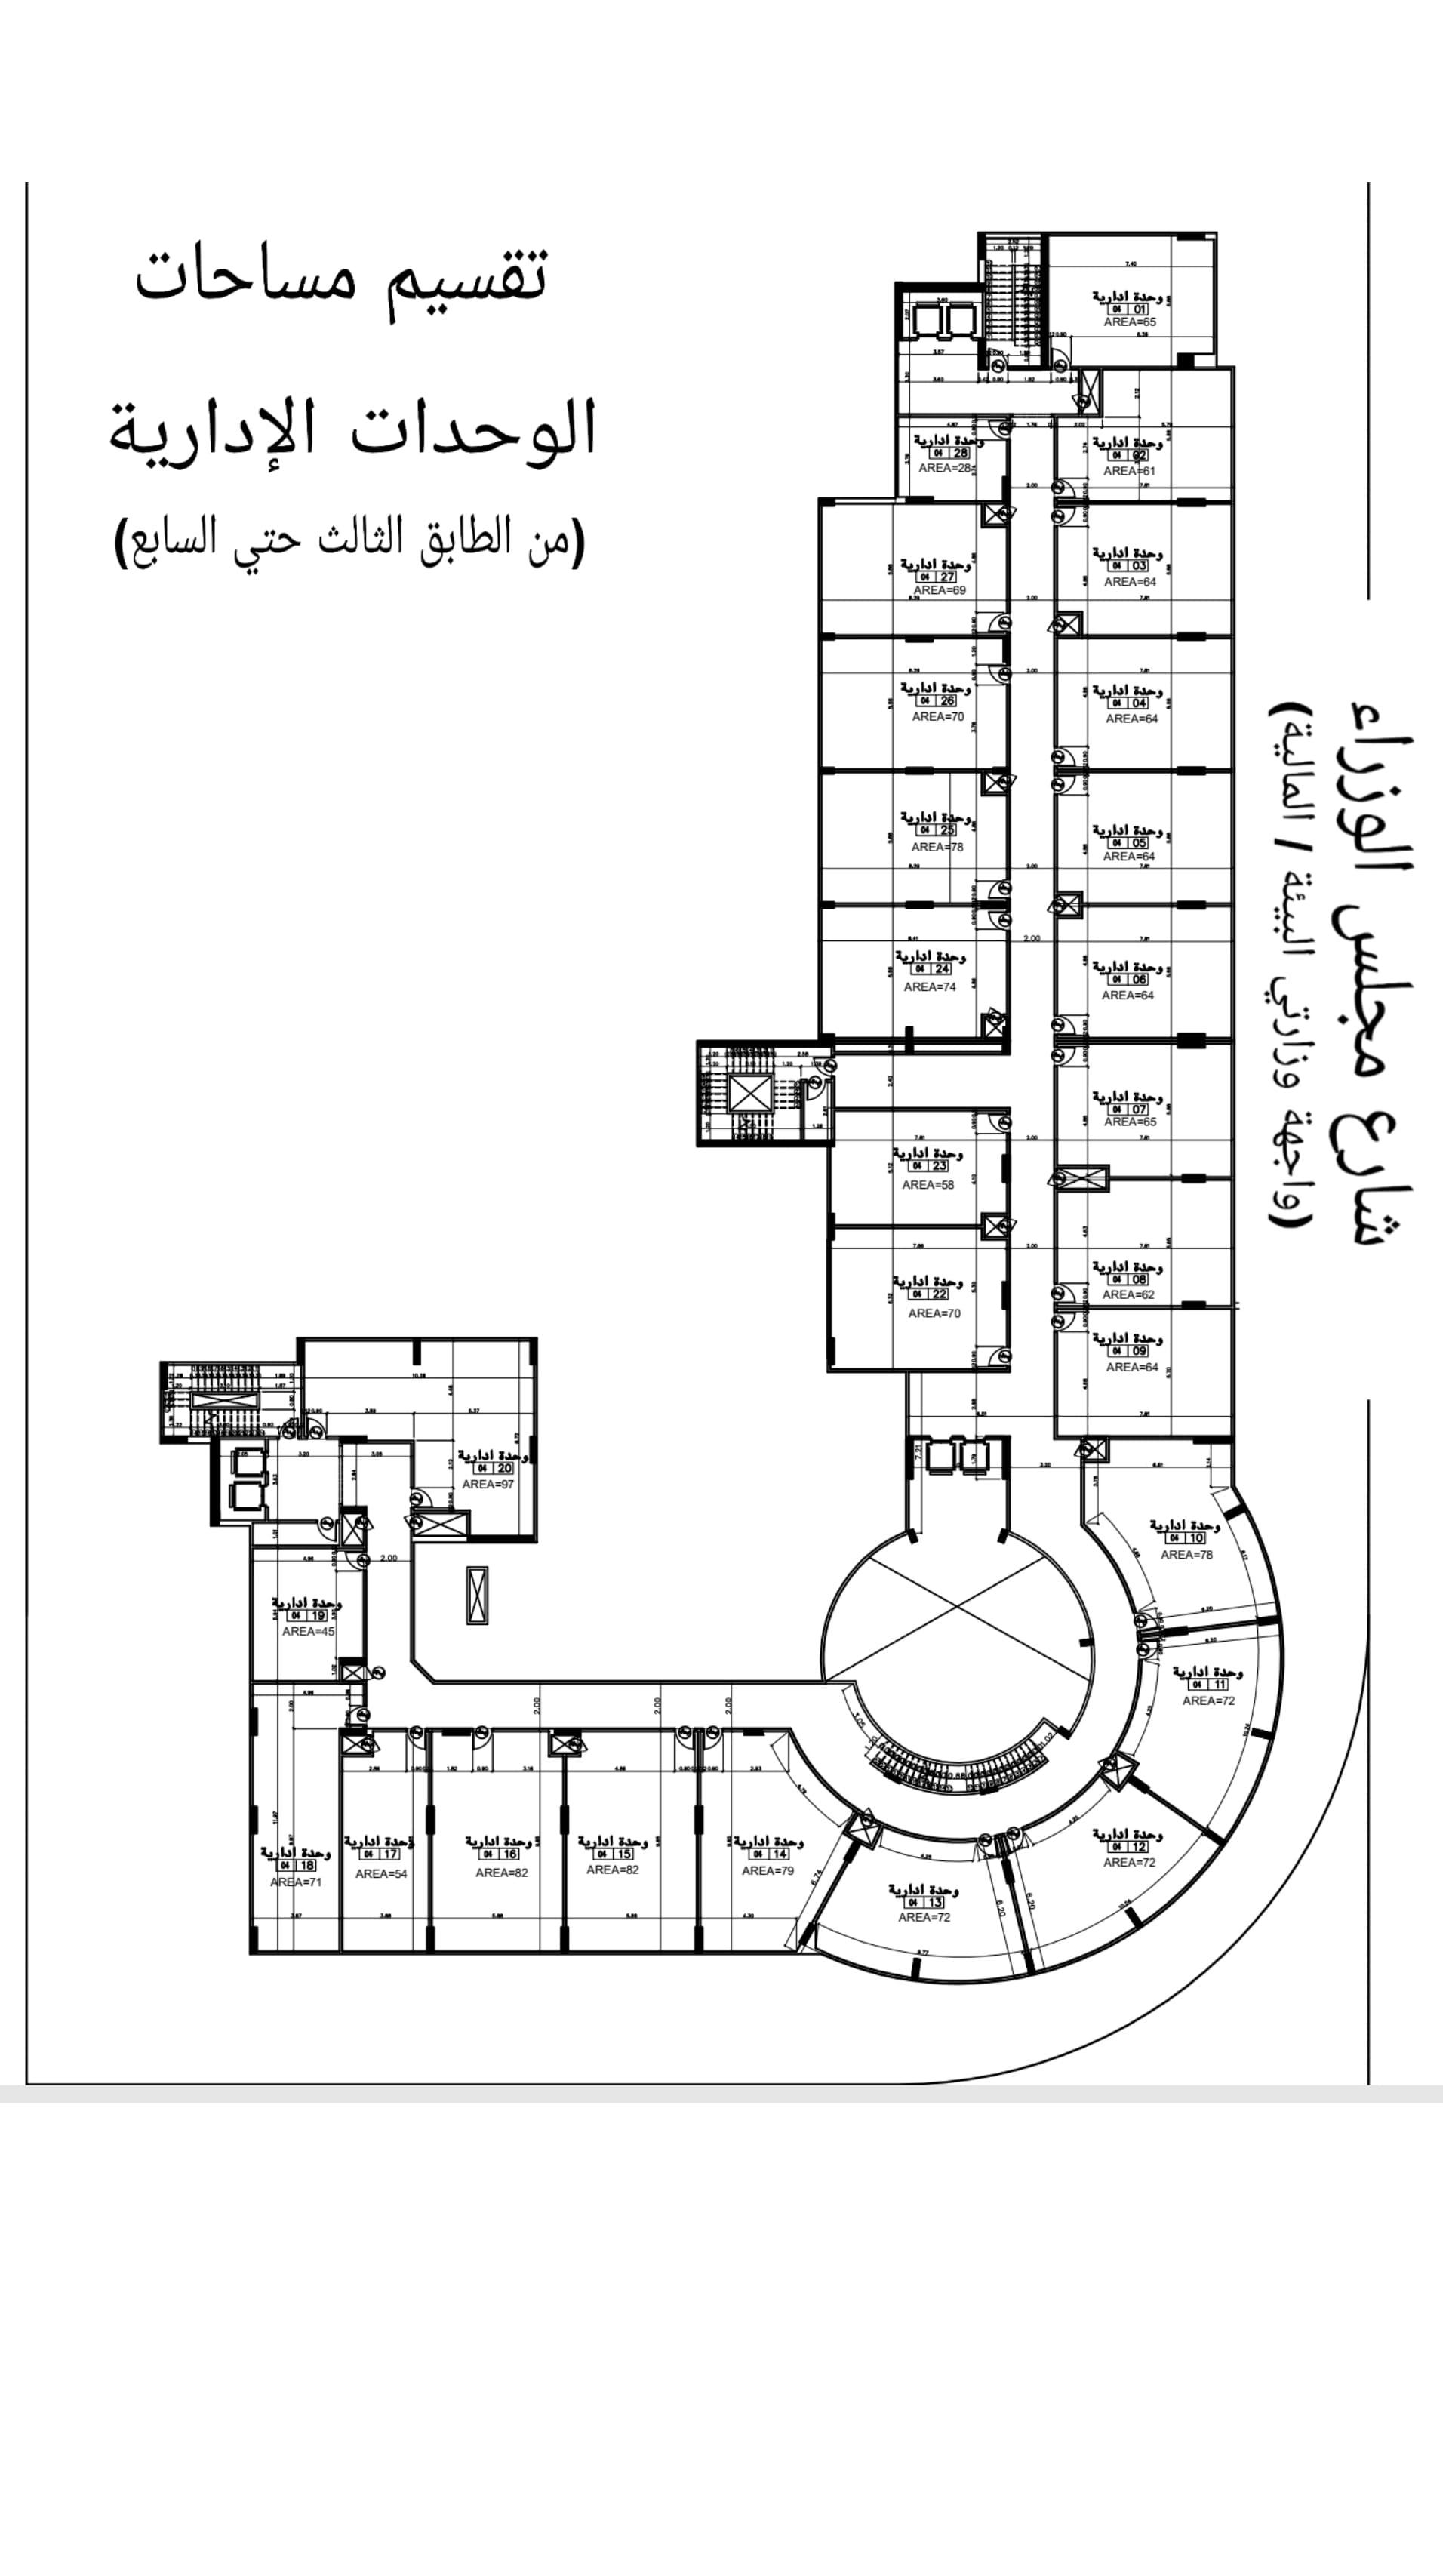 مساحات الوحدات التجارية والمكاتب الادارية بمول الشانزليزية بالعاصمة الادارية